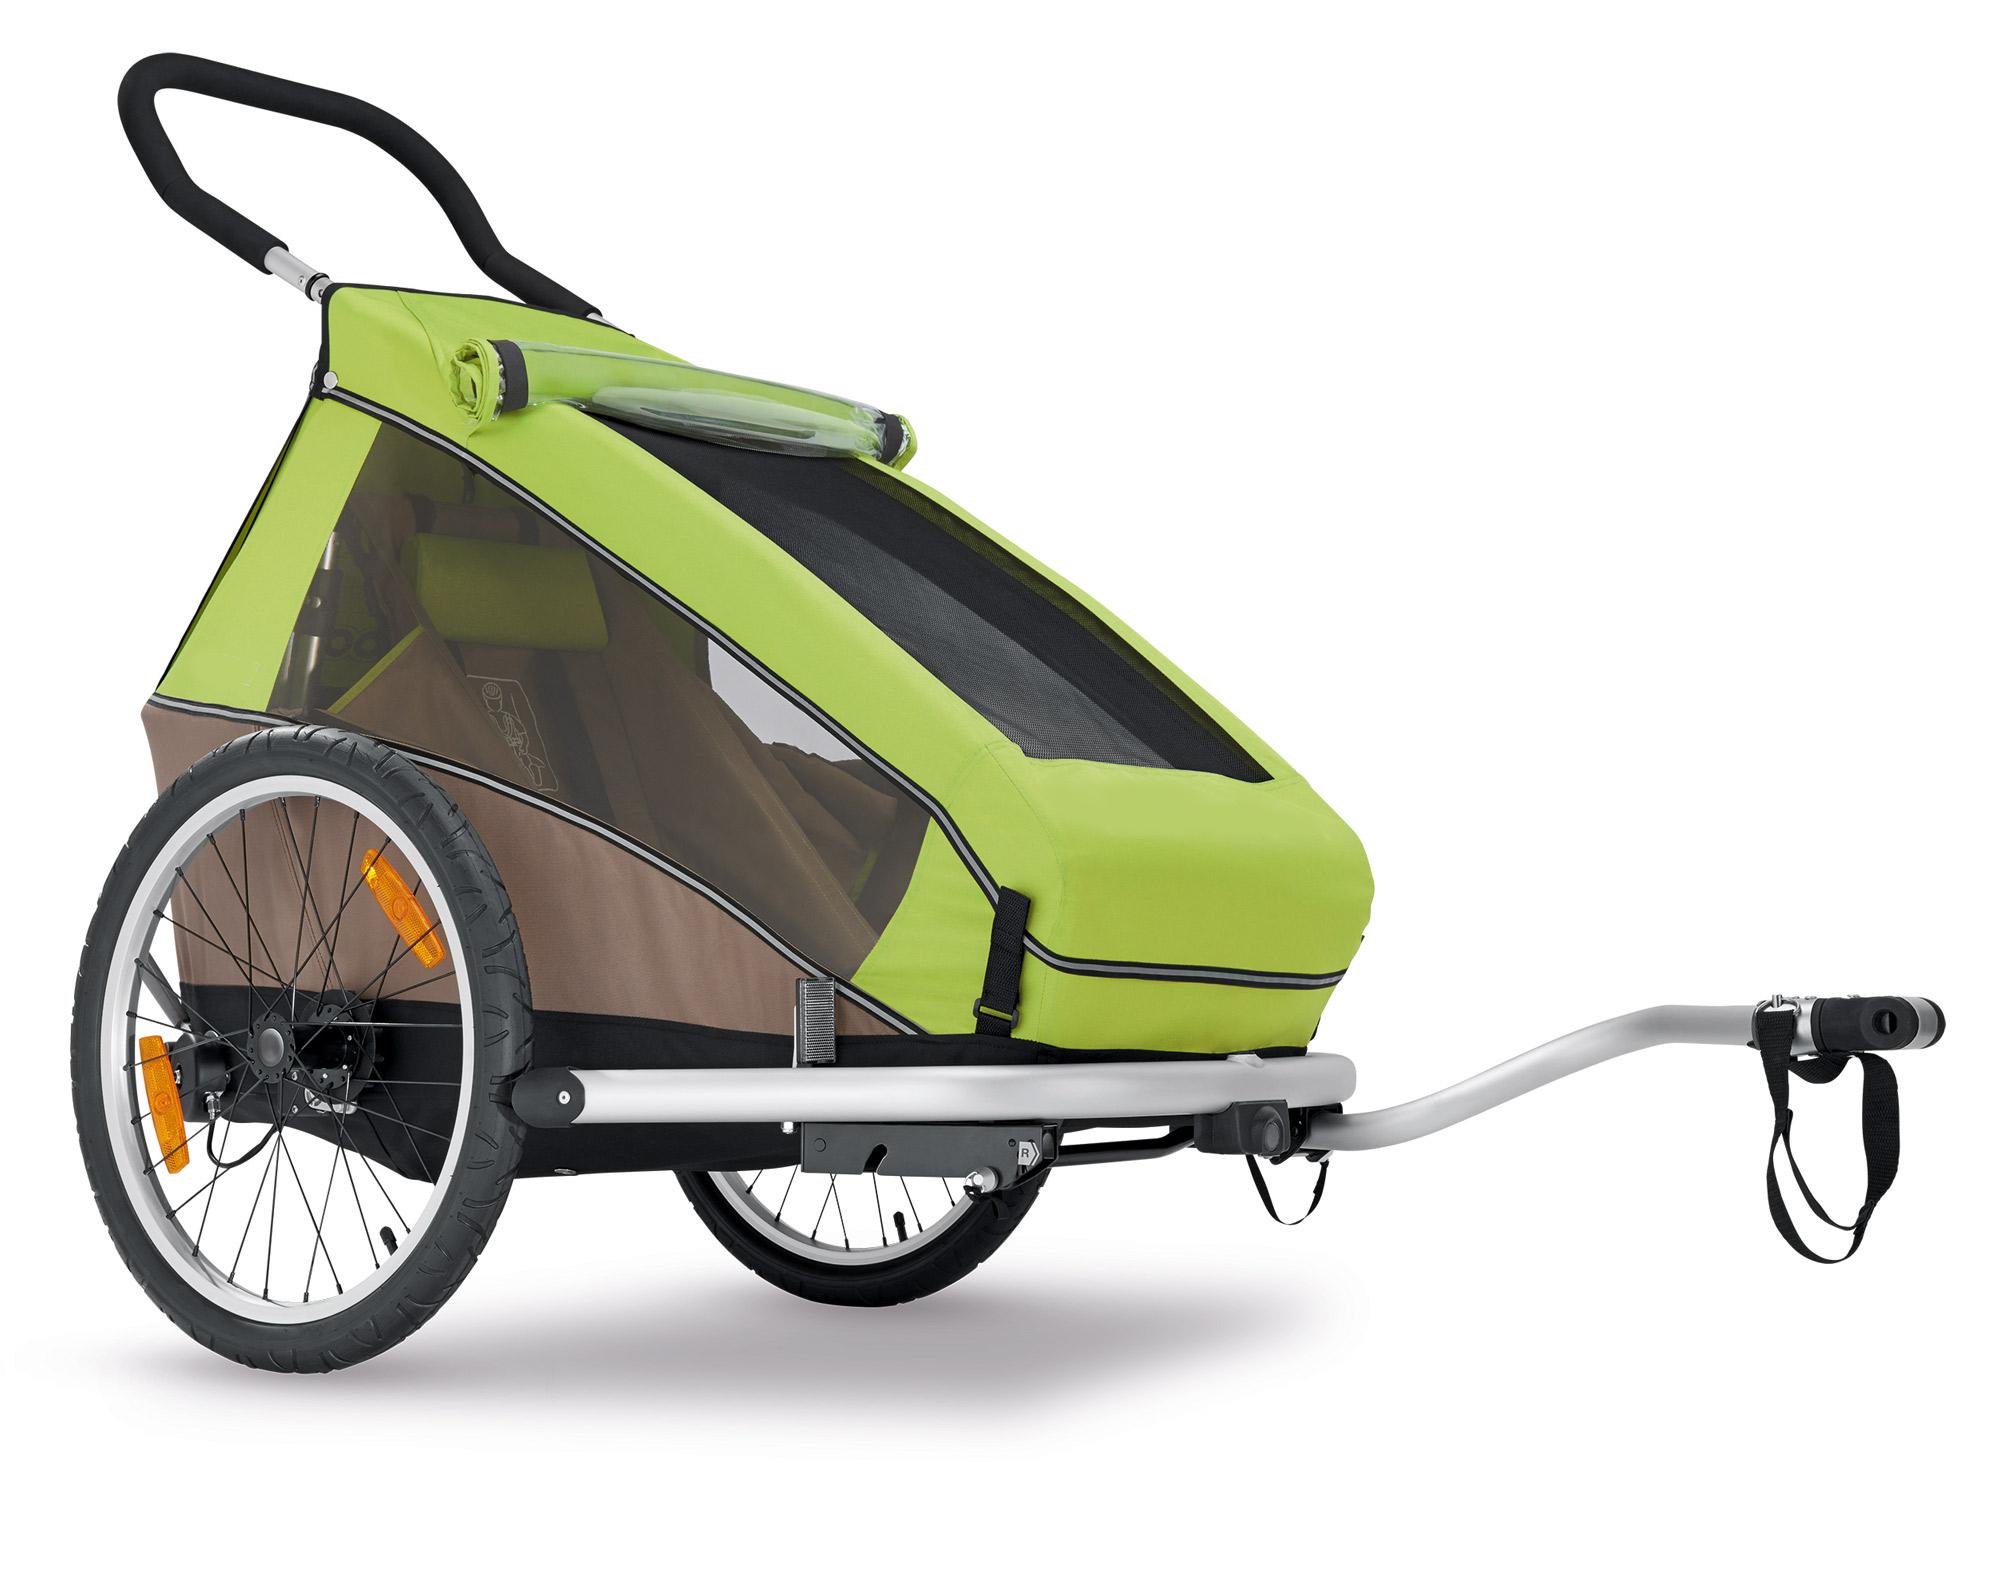 der richtige transport von babys und kindern auf dem fahrrad. Black Bedroom Furniture Sets. Home Design Ideas